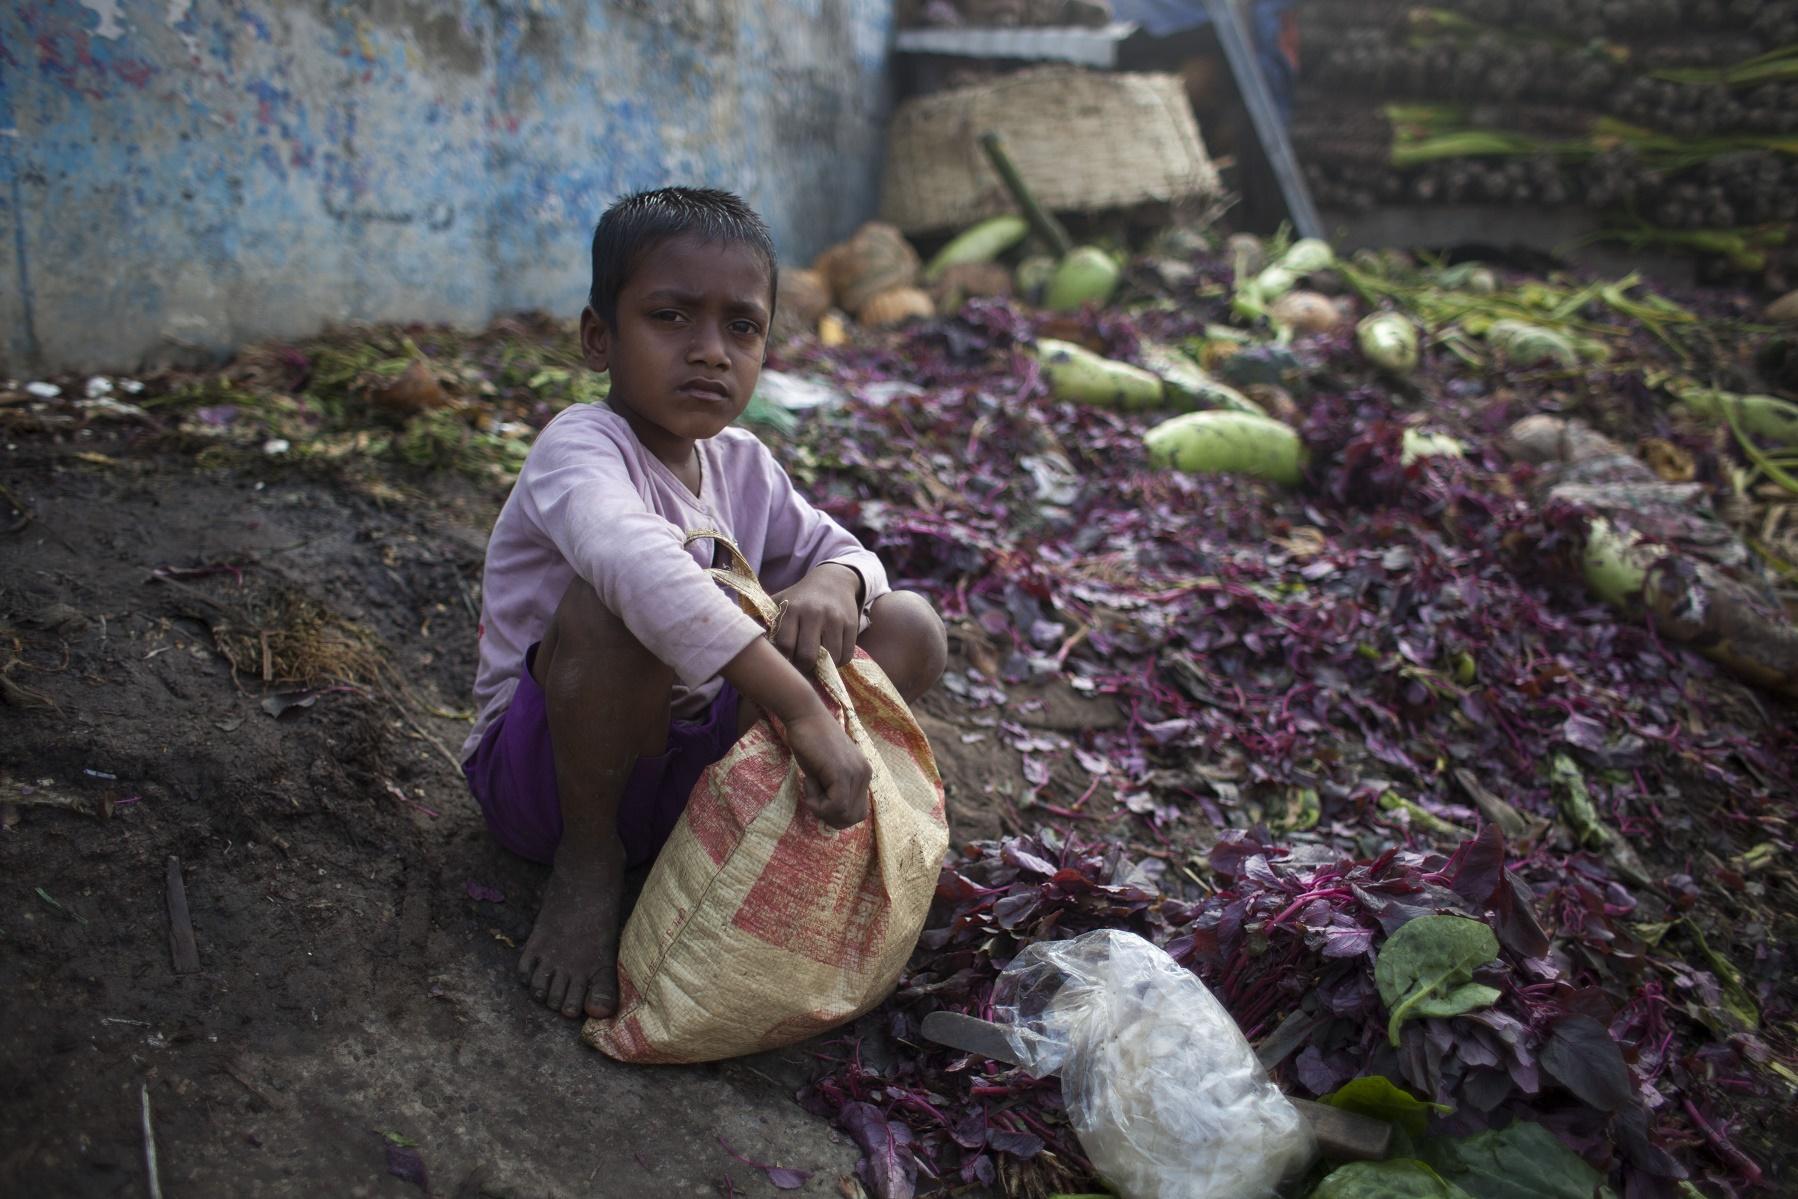 Menino recolhe vegetais num lixão em Bangladesh. Foto de Zakir Hossain Chowdhury/NurPhoto